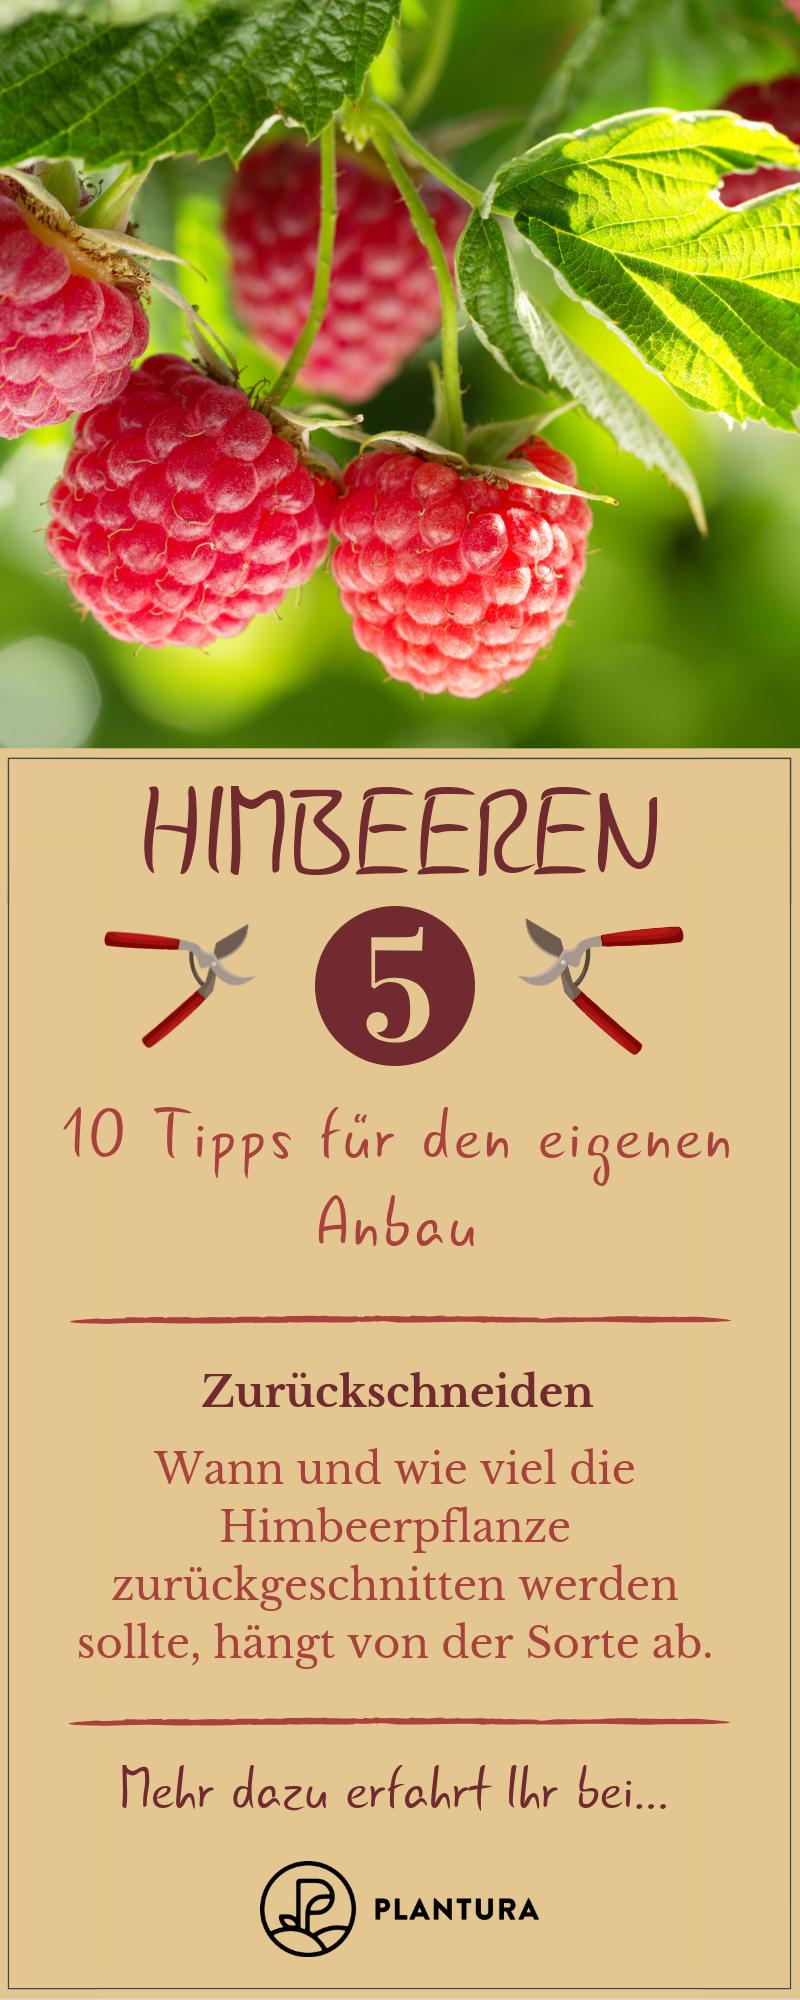 10 Tipps für leckere Himbeeren aus eigenem Anbau #orchideenpflege